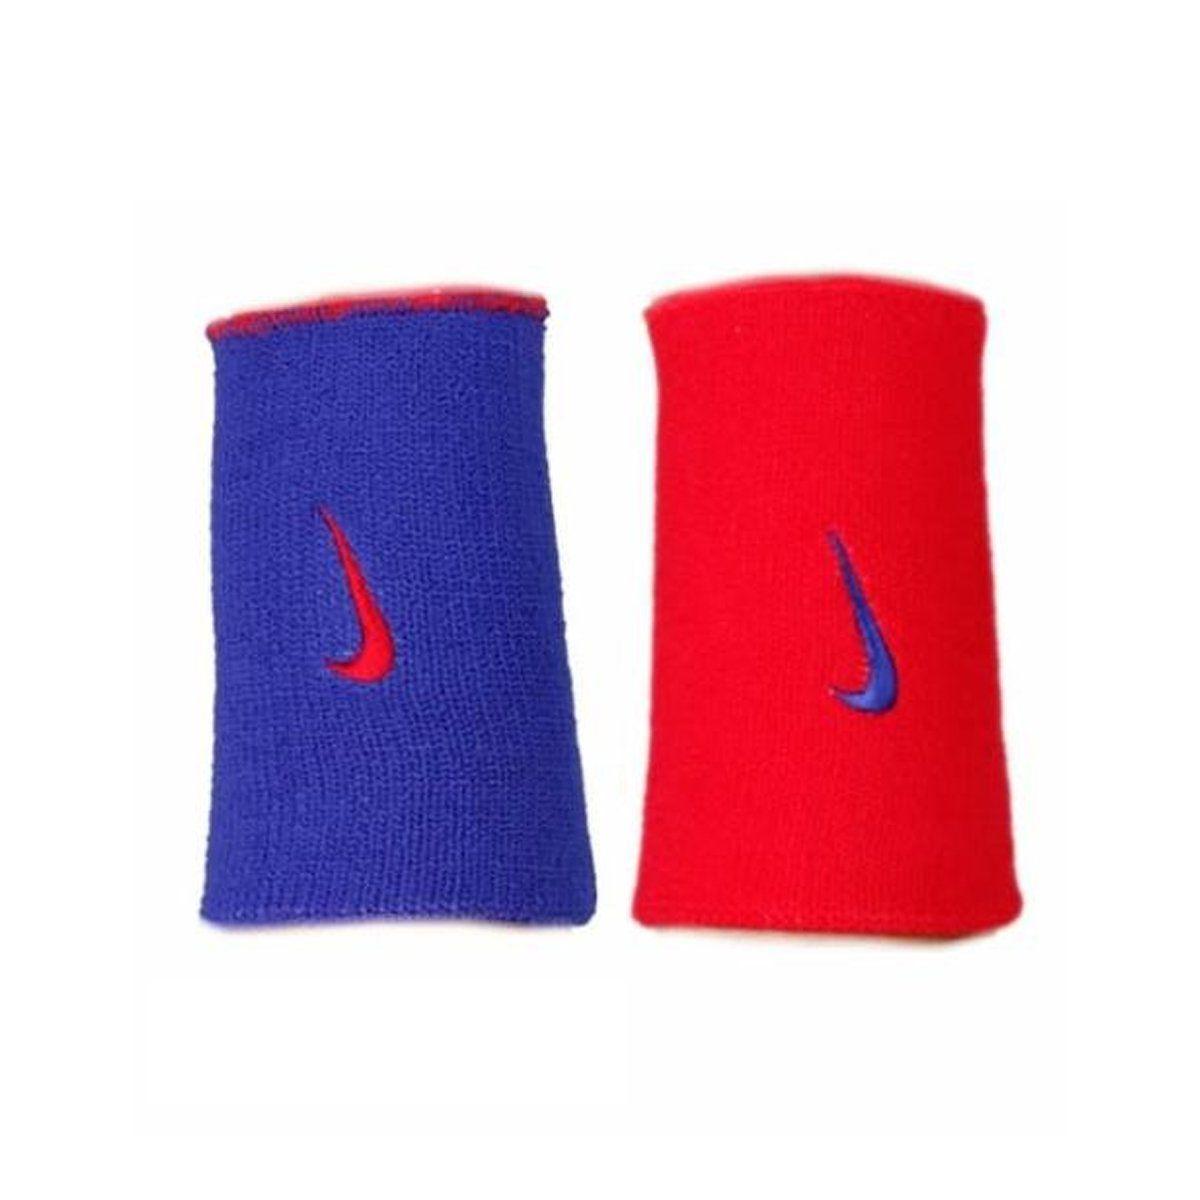 Munhequeira Nike Dri-Fit Home & Away Azul e Vermelho